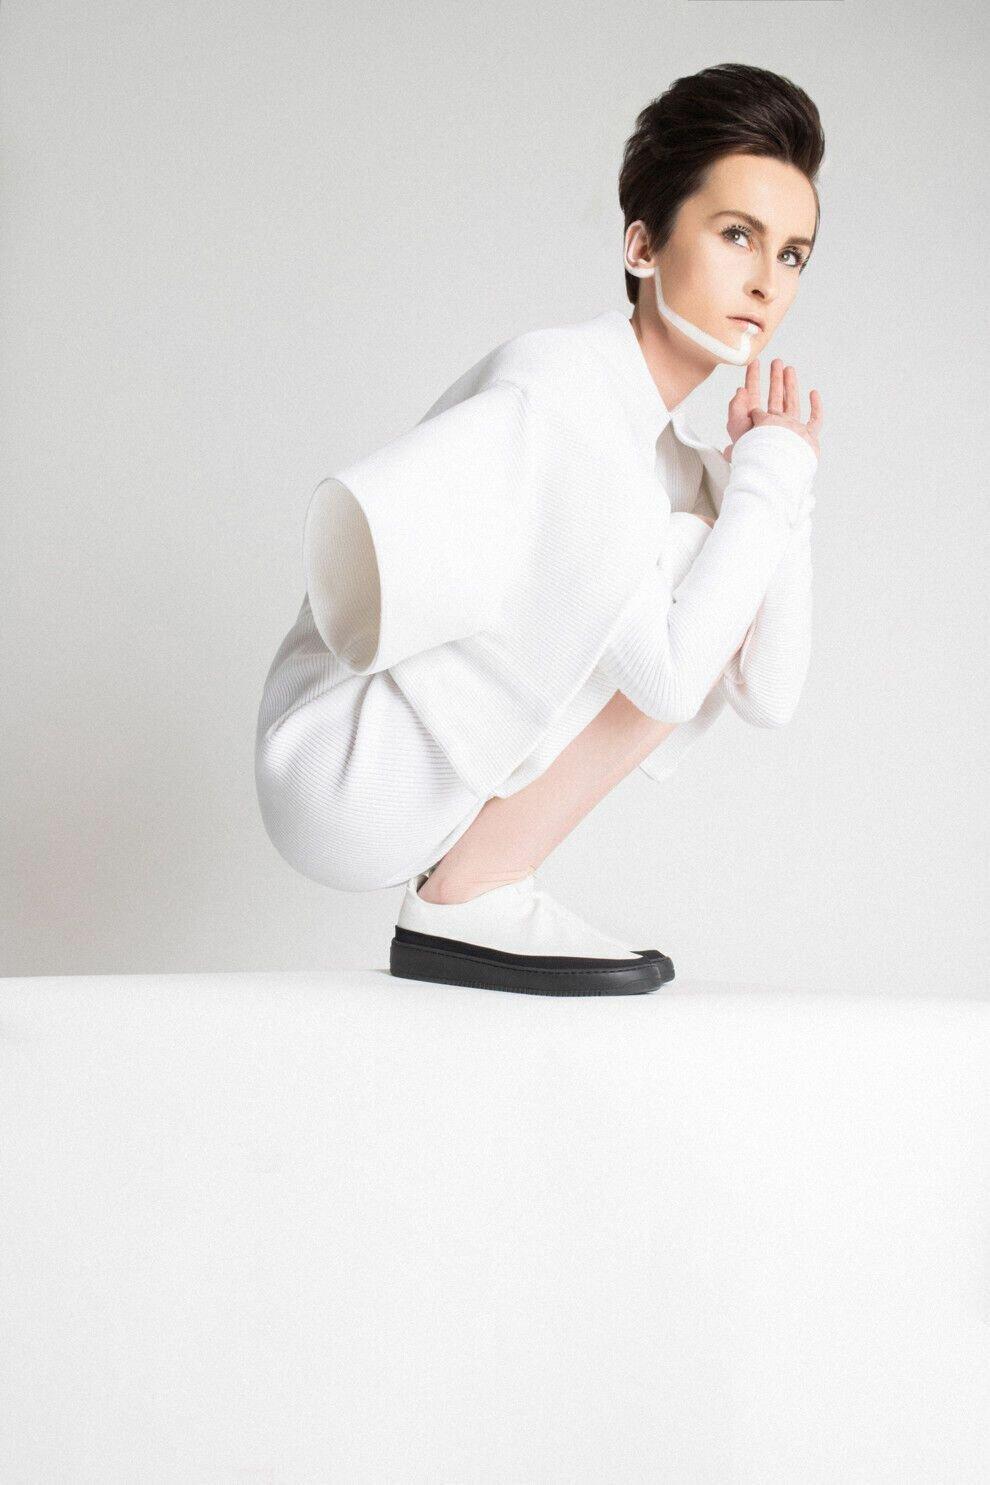 Павленко появилась в белоснежно костюме и с оригинальным макияжем